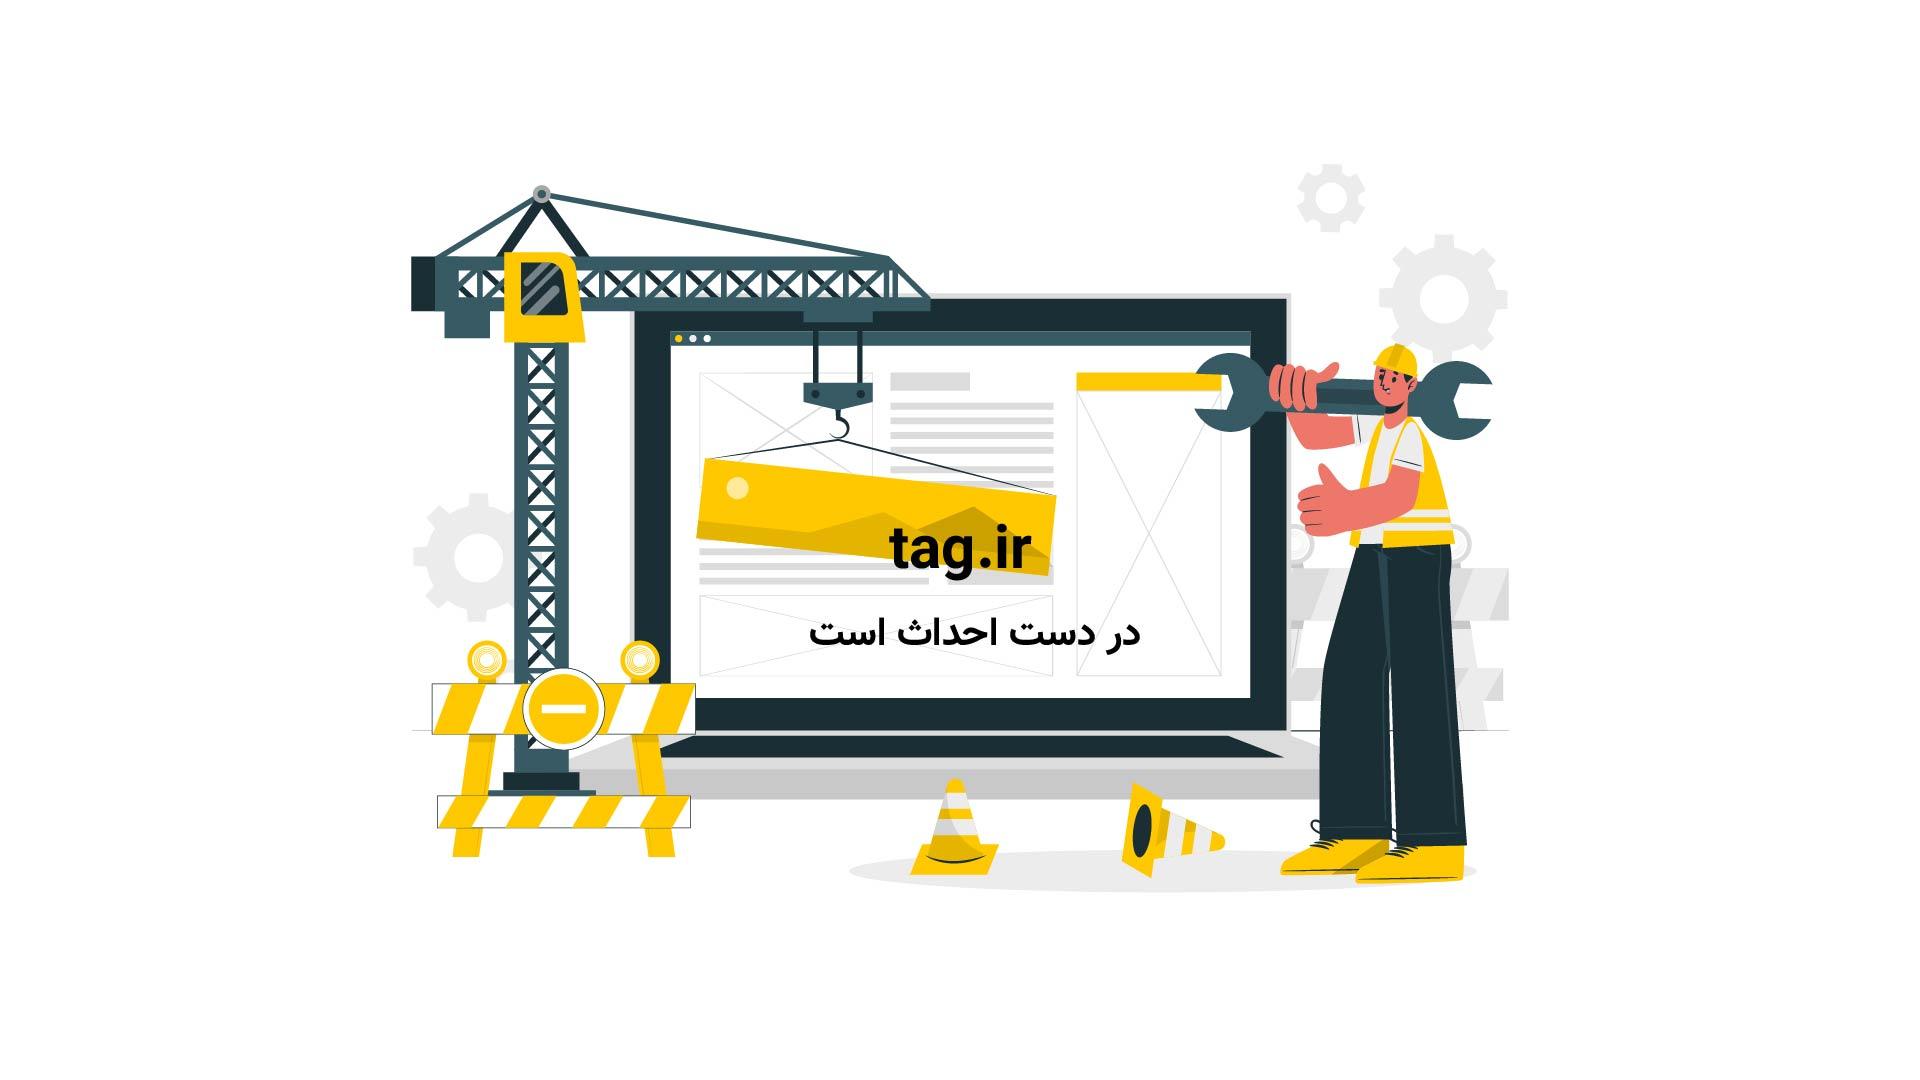 دعای روز بیستم و هشتم ماه رمضان | تگ